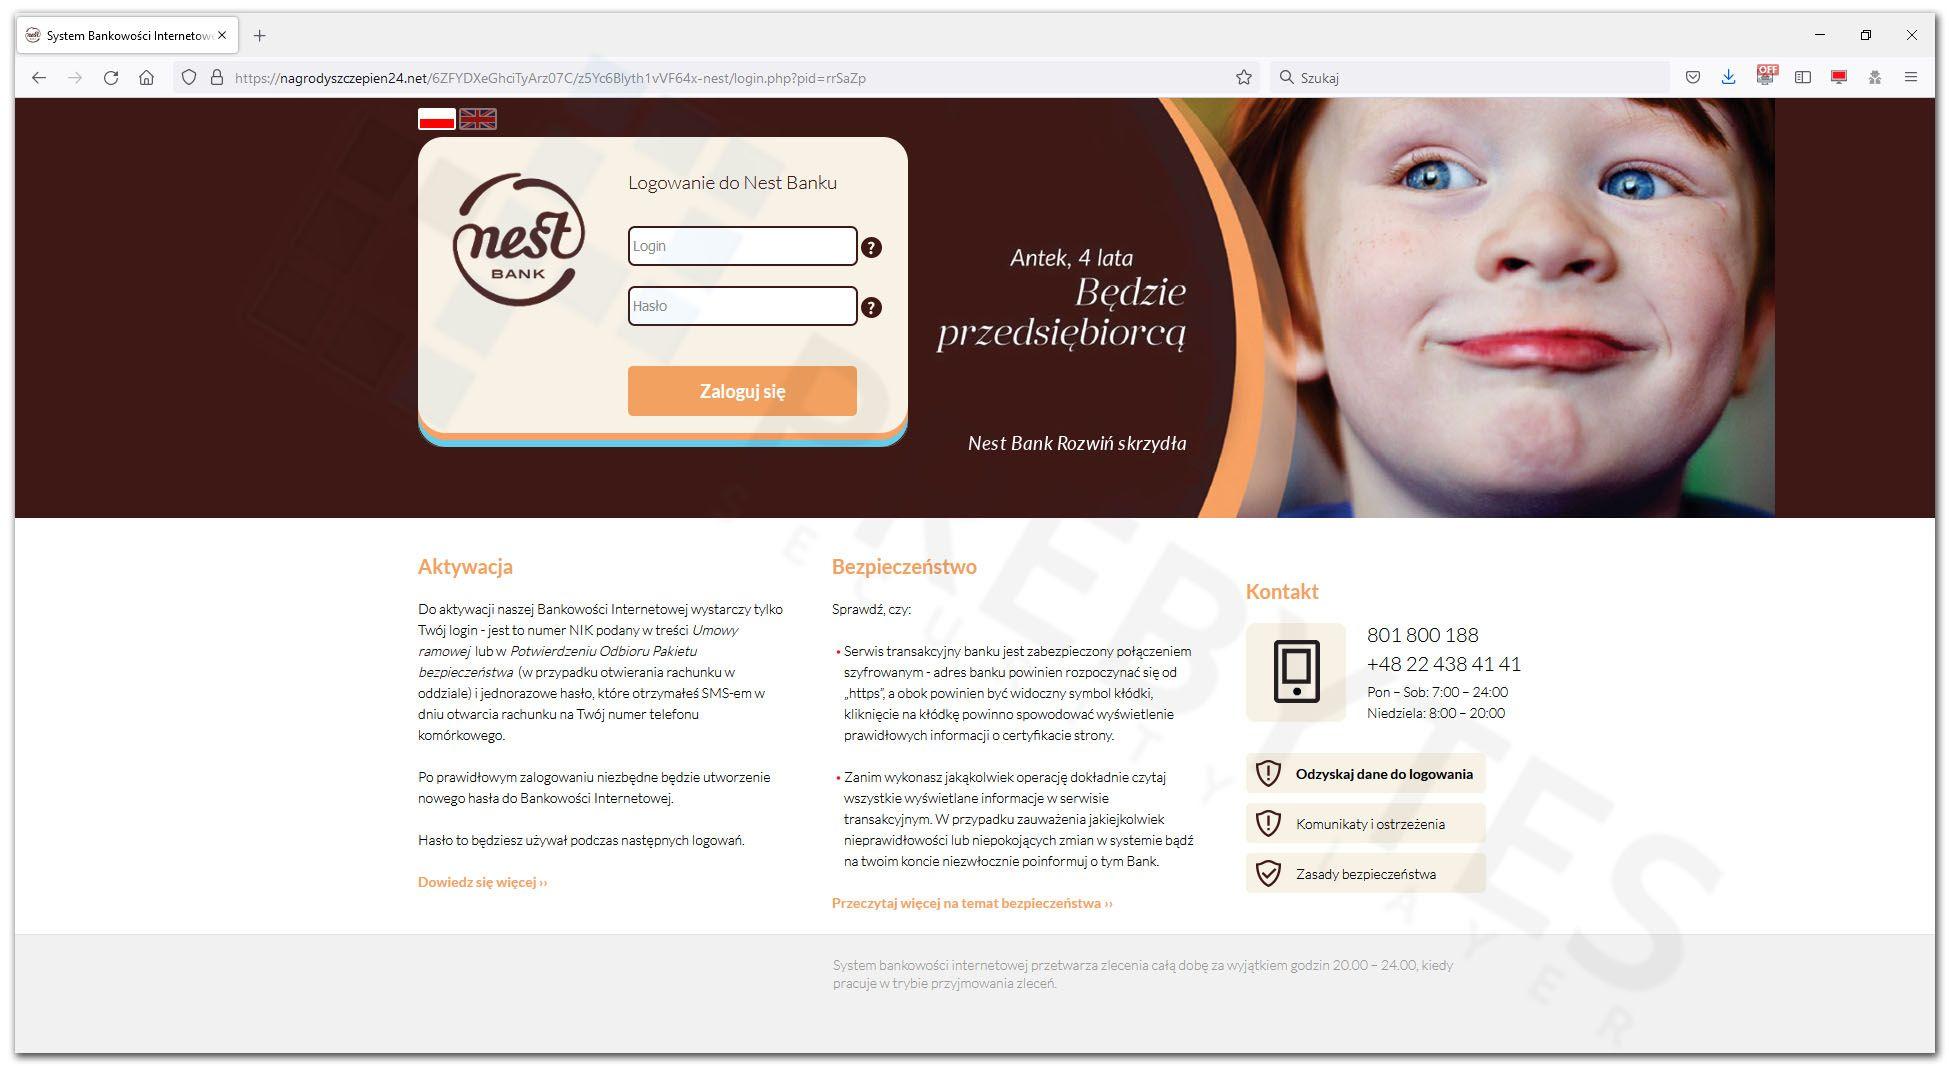 Logowanie do bankowości internetowej Nest Bank